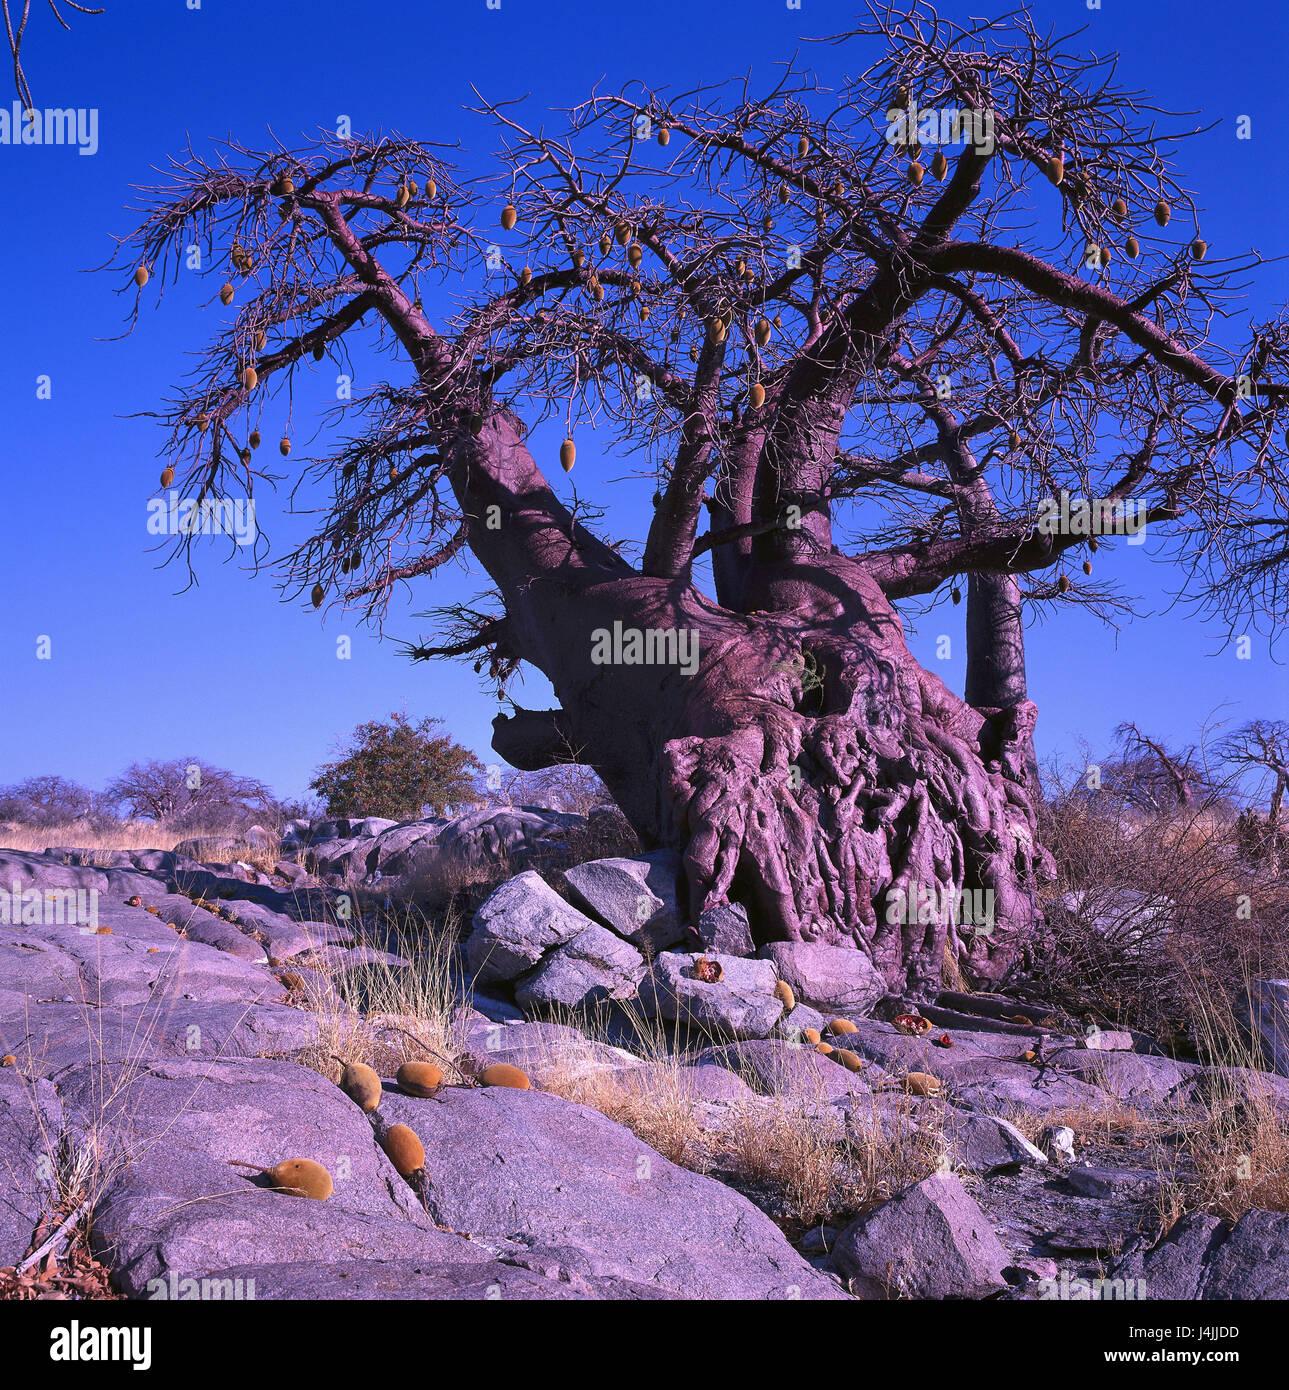 Africa, Botswana, Makgadikgadi, baobab wild nature reserve, Sowa Pan, Kubu Iceland, entries in accordance with. - Stock Image